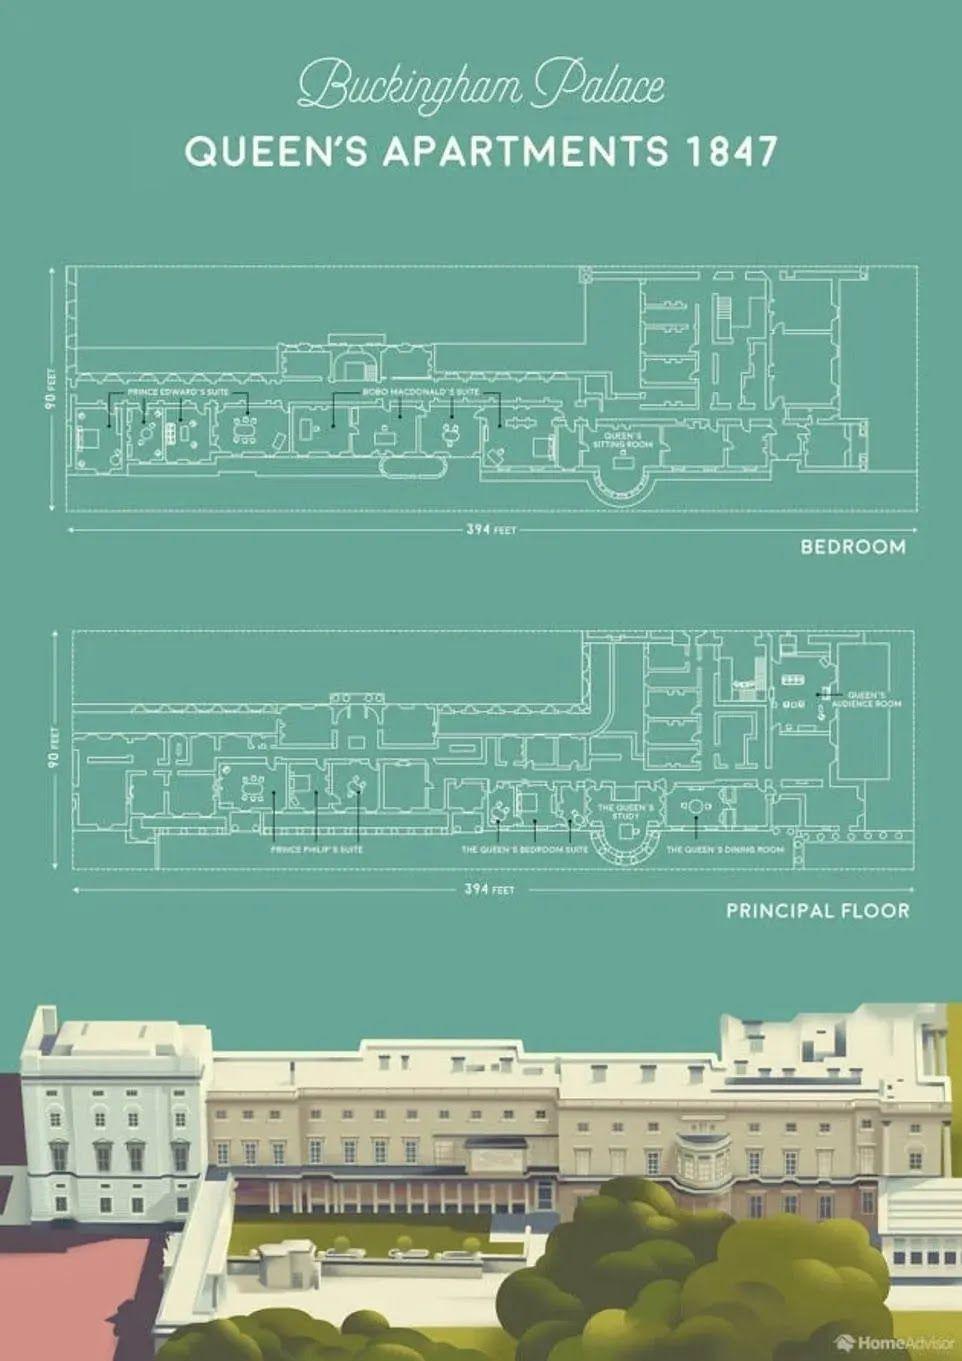 Восточное крыло Букингемского дворца знаменито железными воротами